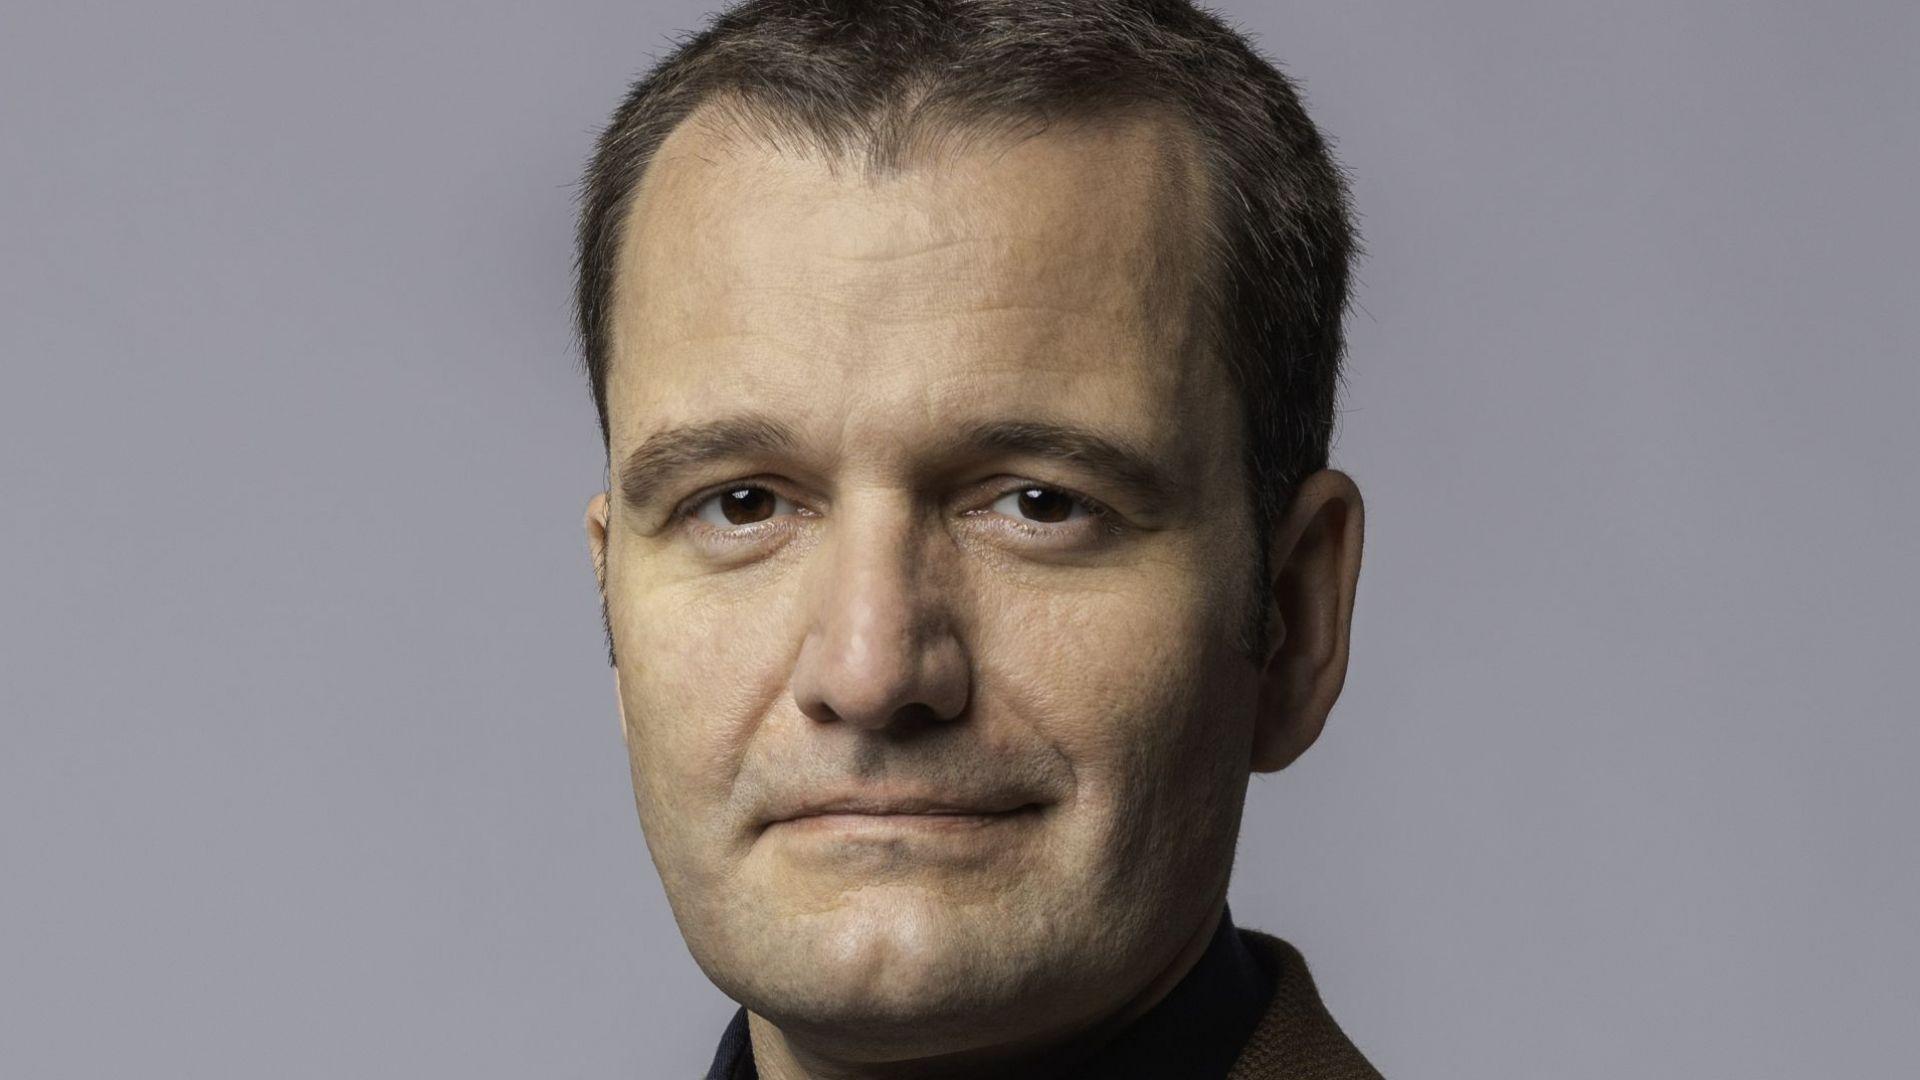 15 години T MARKET и над 100 000 лв. бонуси в Ковид кризата